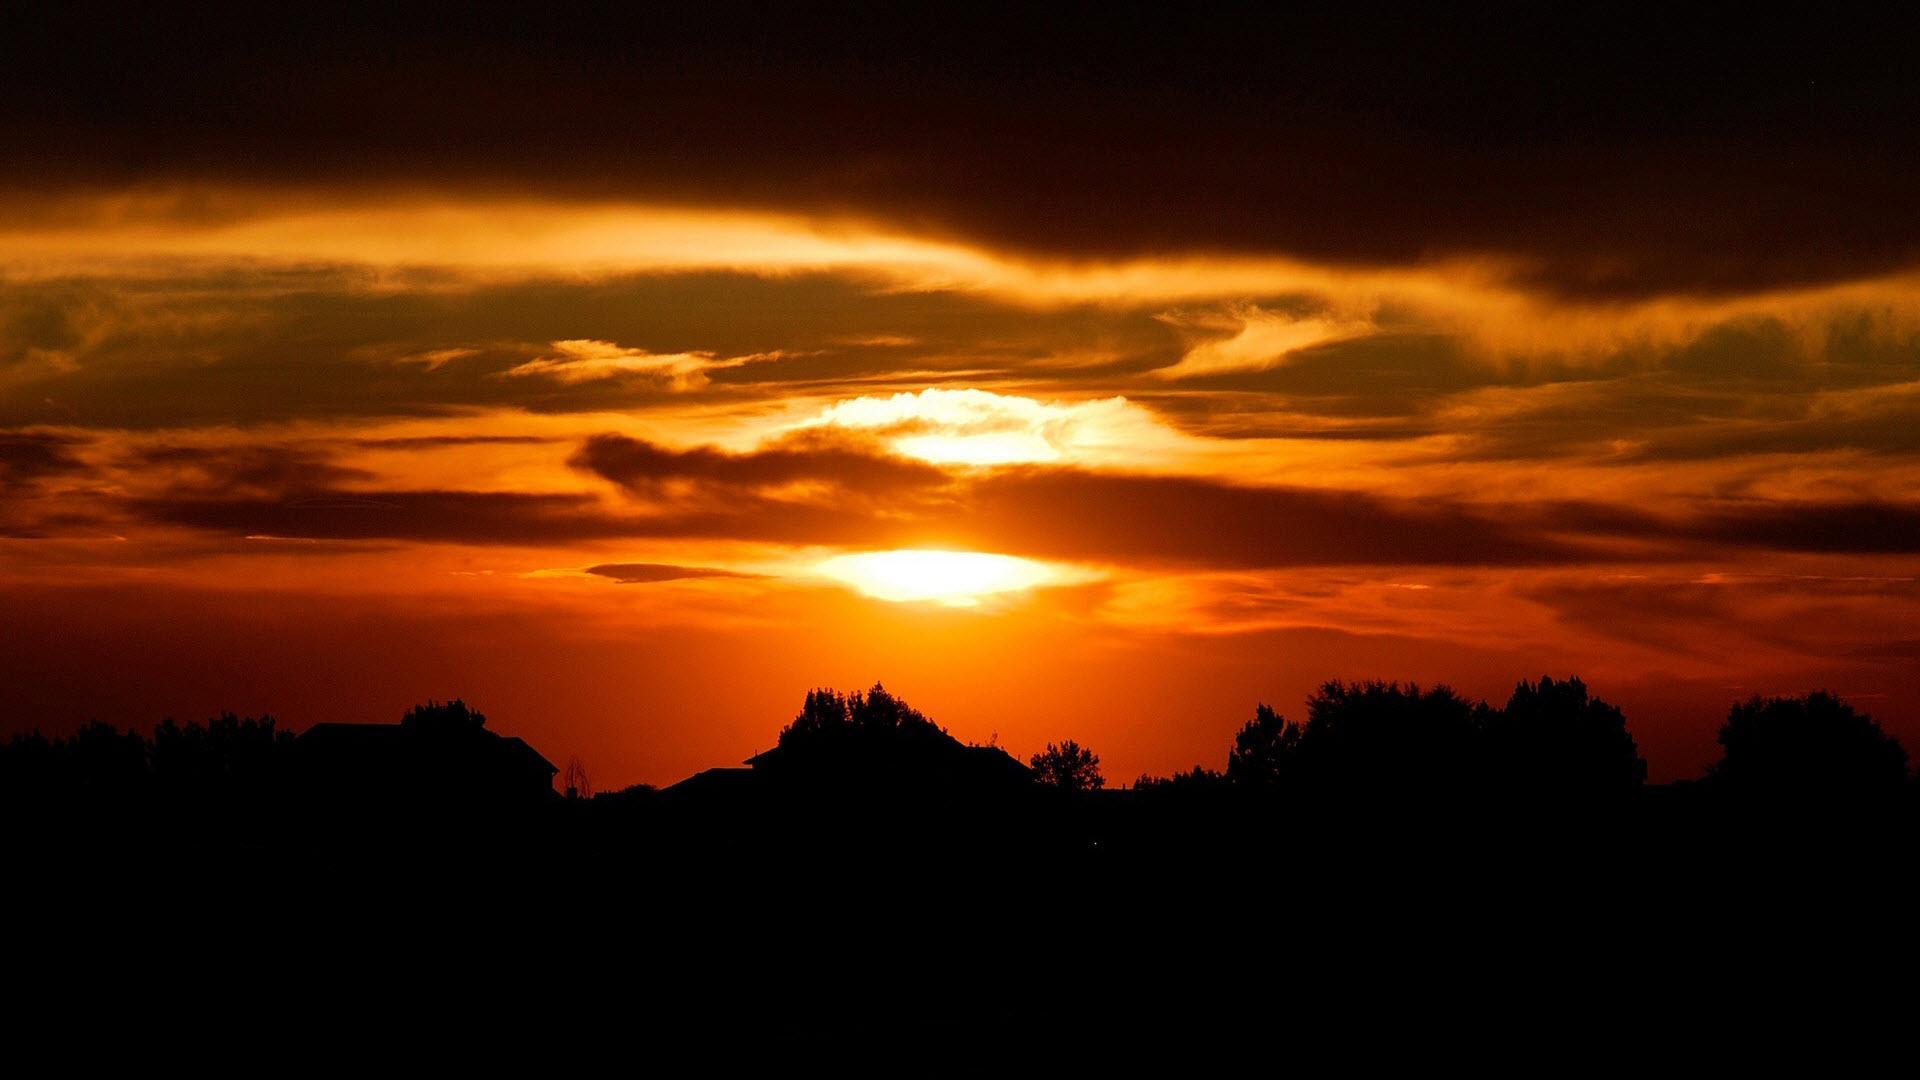 beautiful sunset description